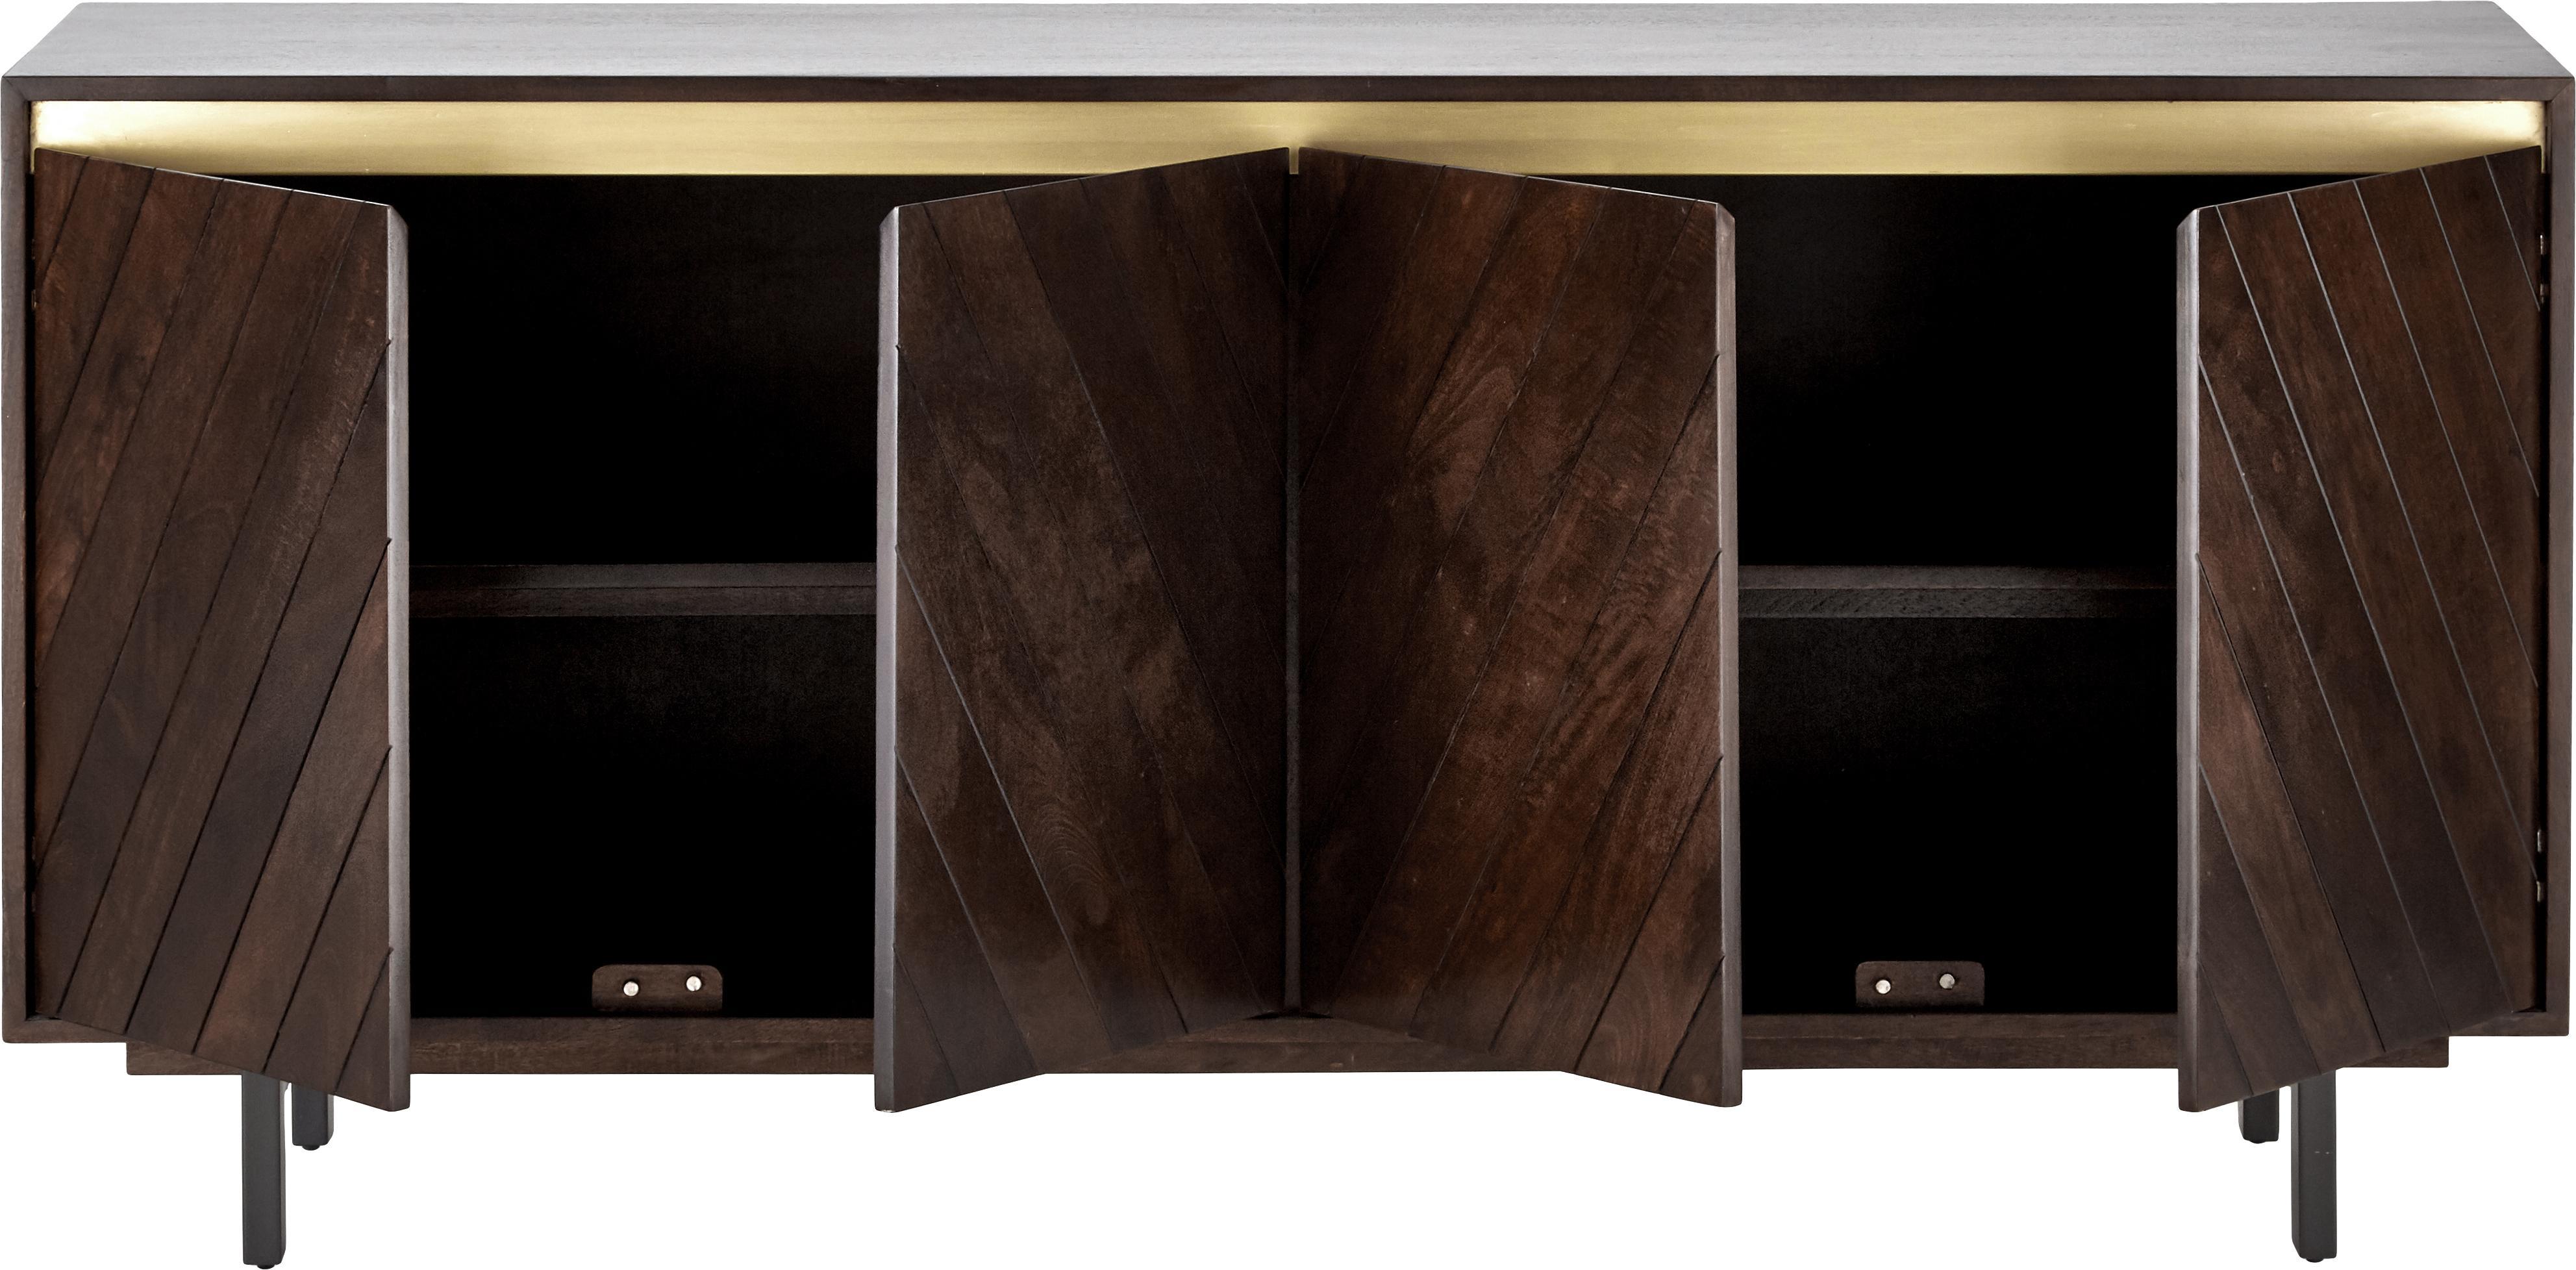 Skříňka z masivního dřeva Karl, Mangové dřevo, zlatá